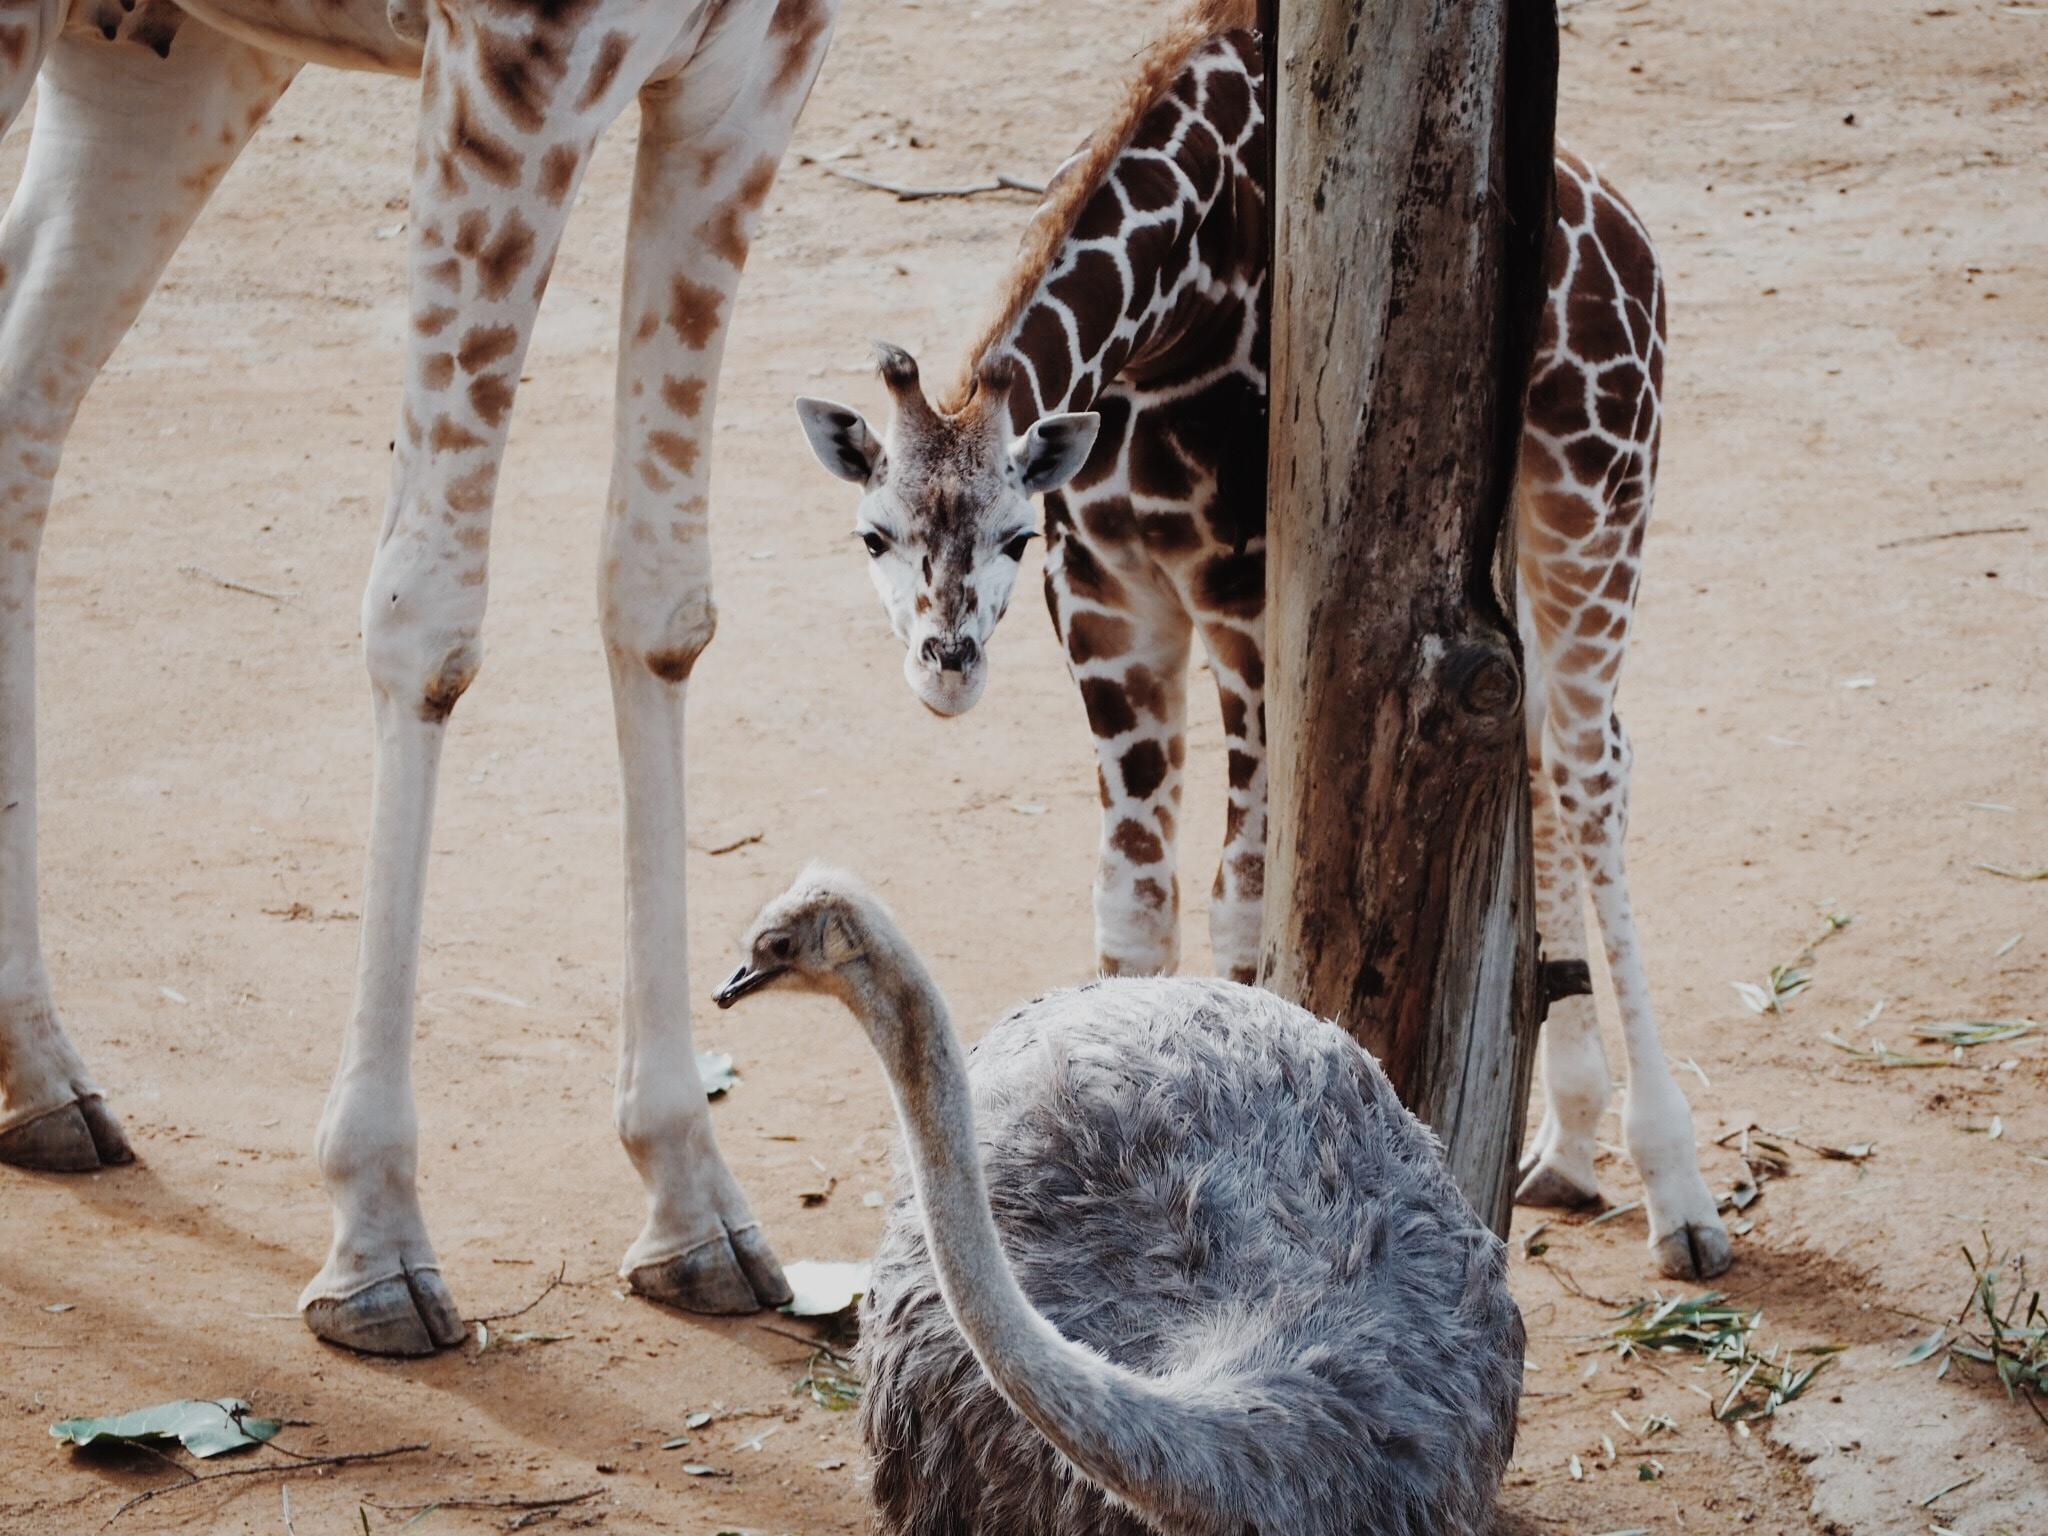 A baby giraffe beside another giraffe looking at an ostrich beside a tree